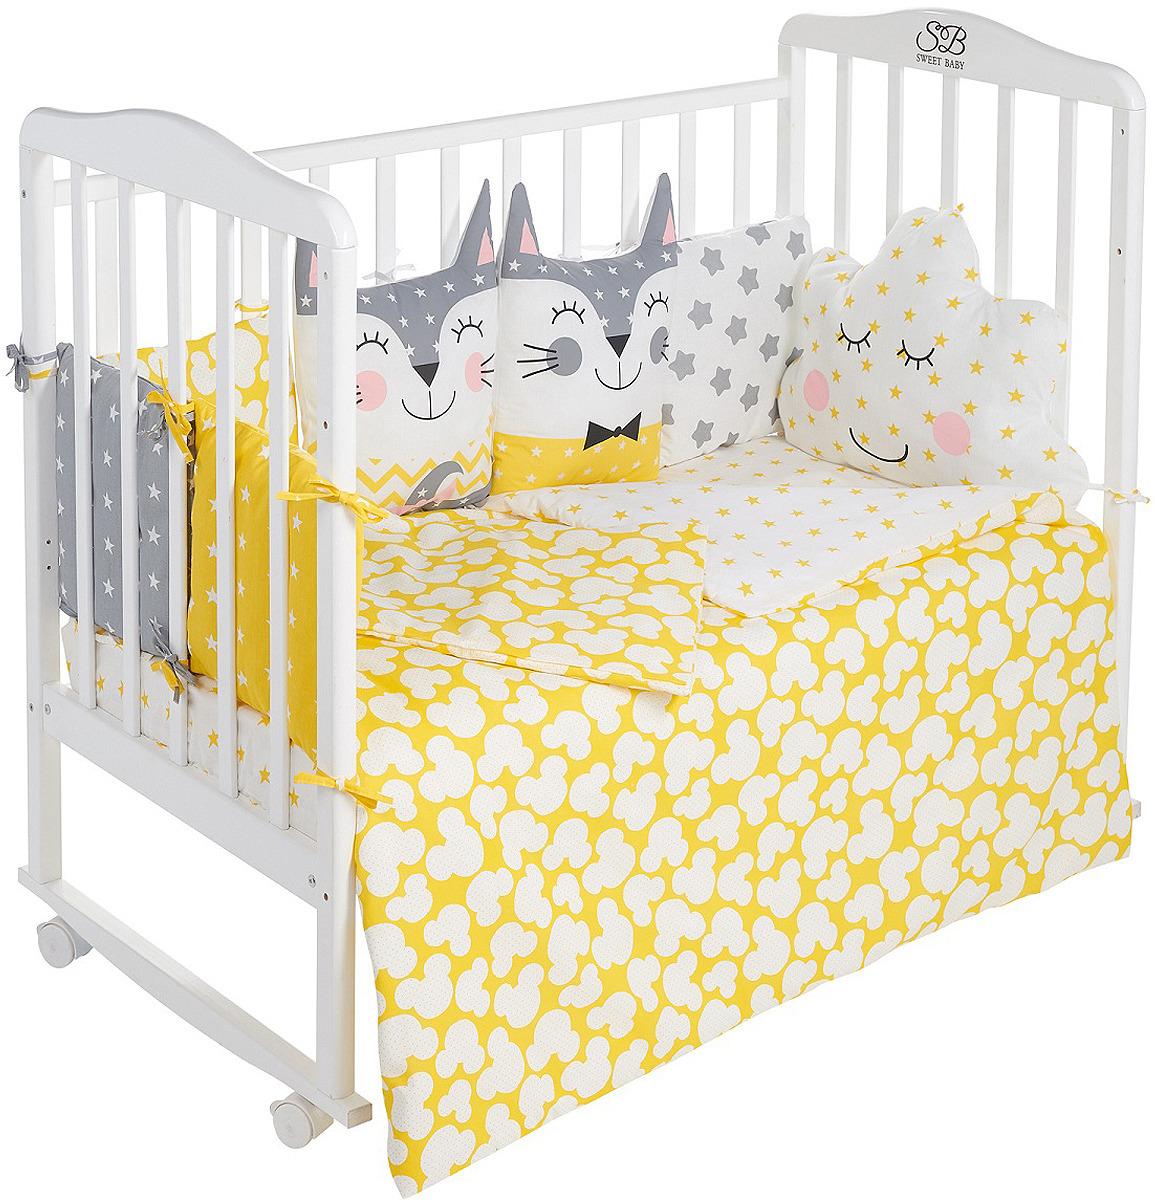 Комплект в кроватку Sweet Baby Gioia Giallo, 423283, желтый, 4 предмета цена